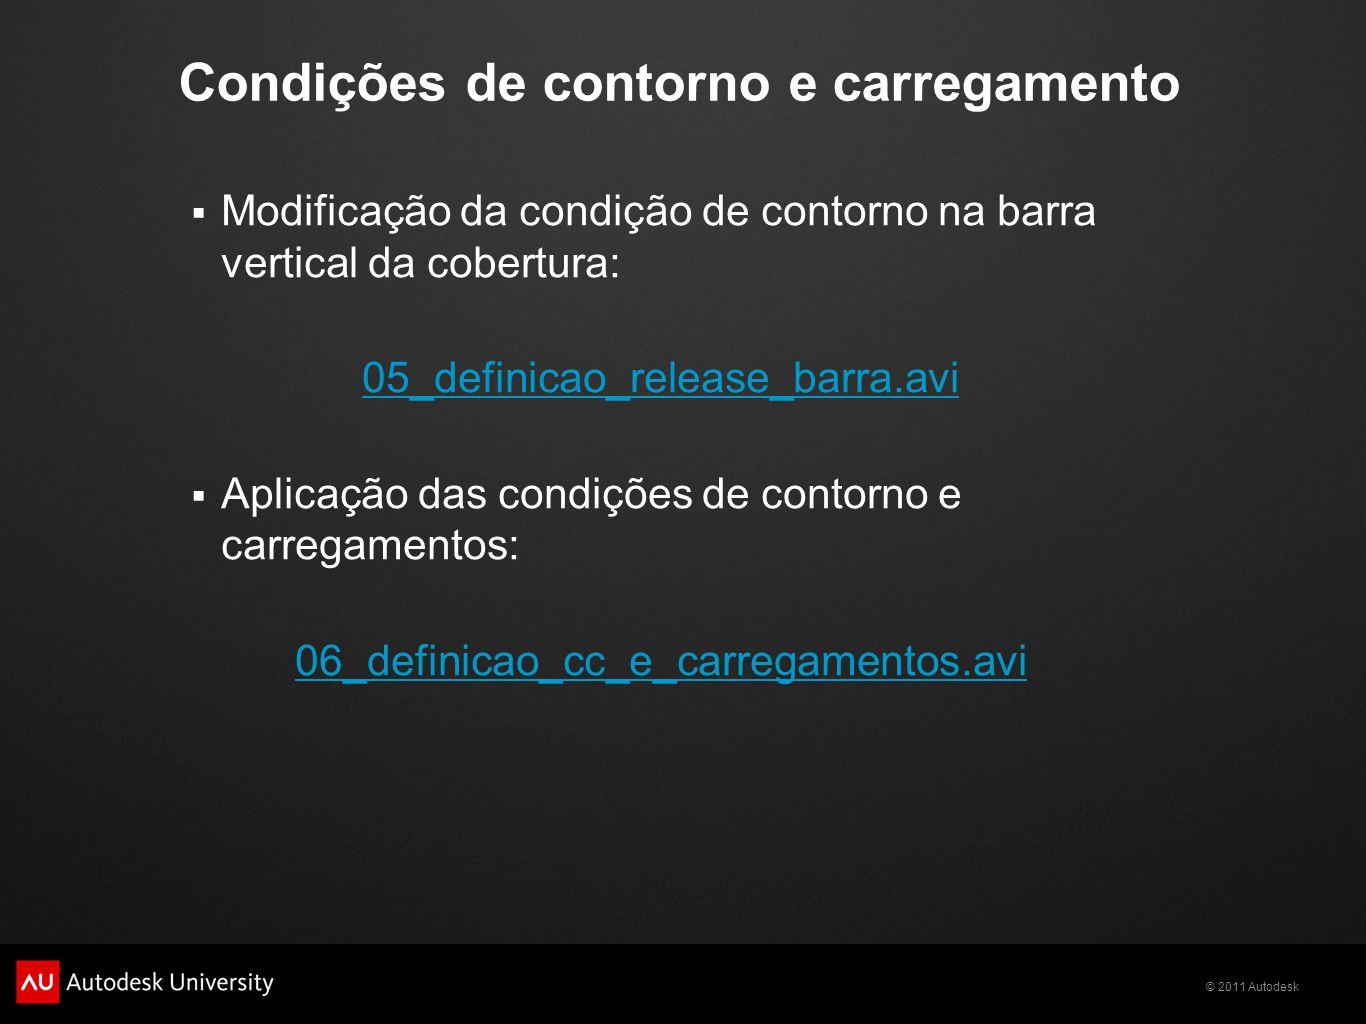 Condições de contorno e carregamento